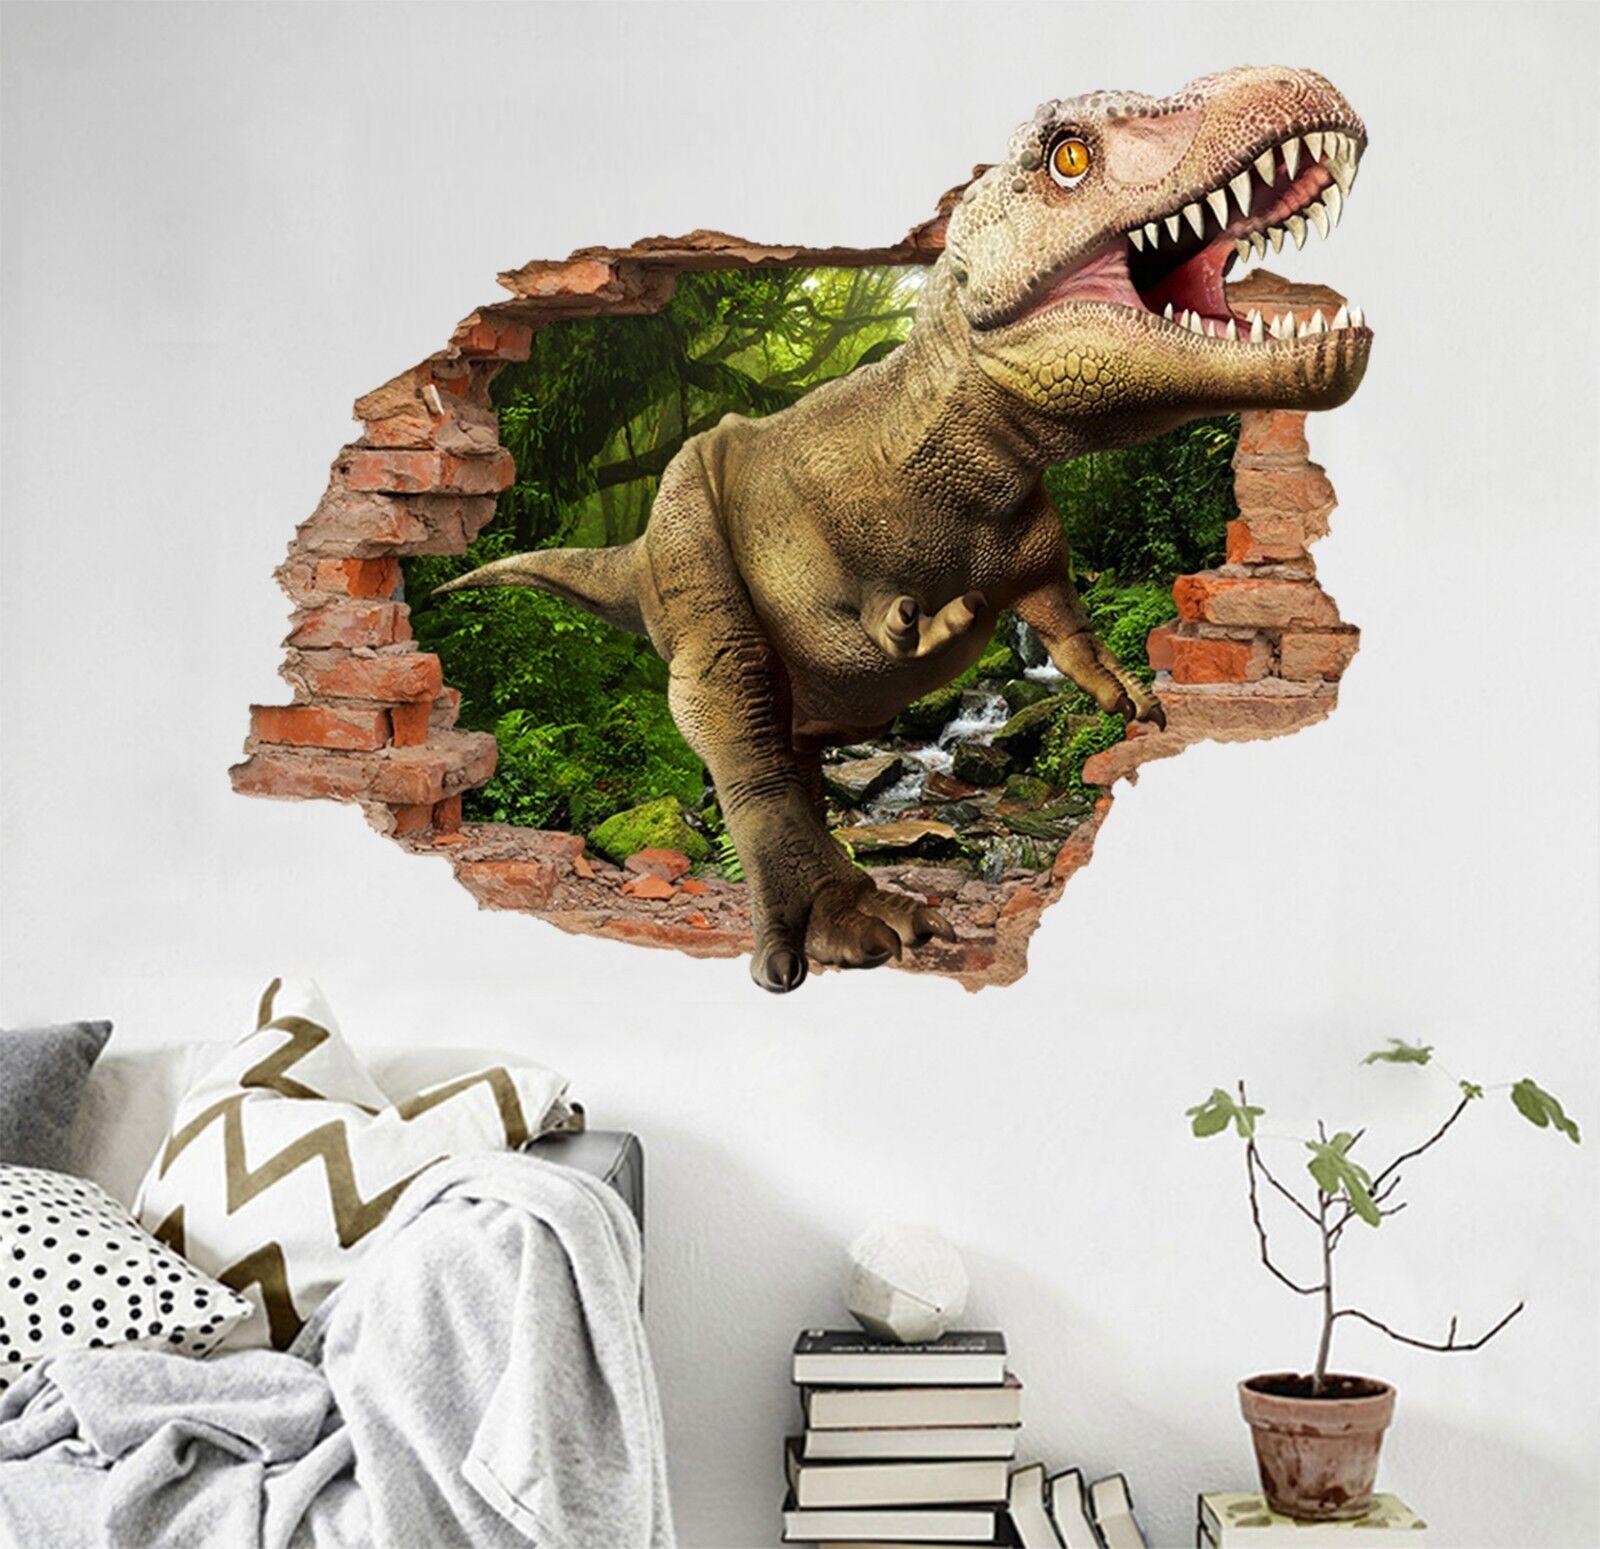 3D Dinosaurier Wald Mauer Murals Mauer Aufklebe Decal Durchbruch AJ WALLPAPER DE